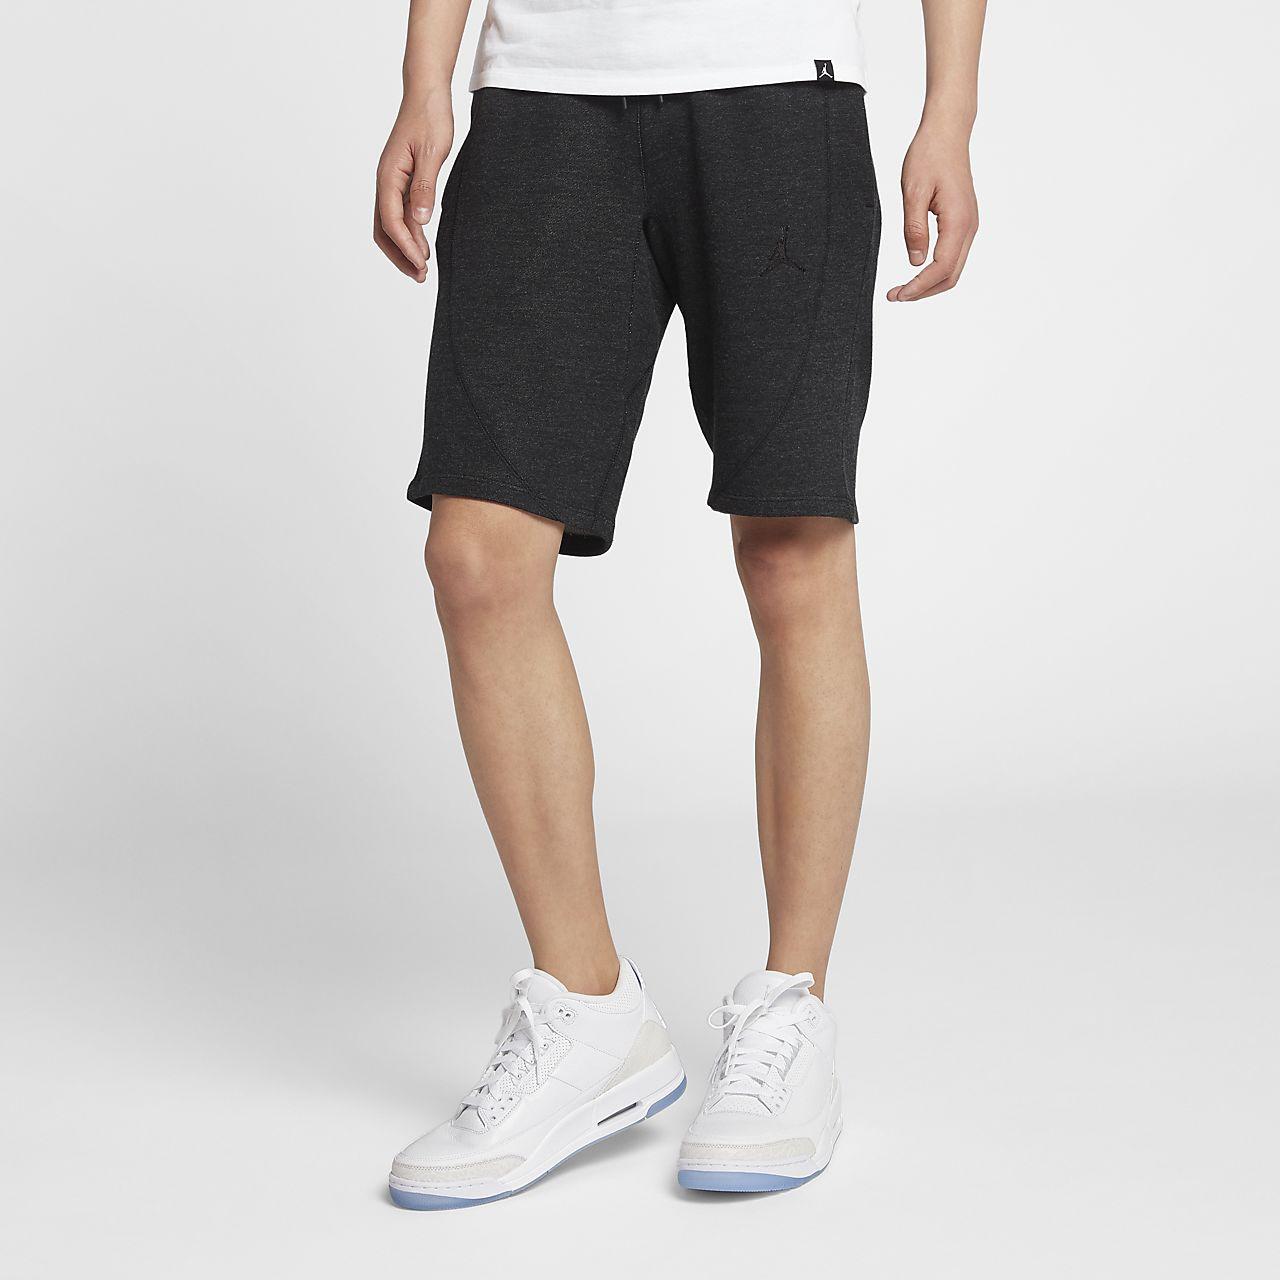 Jordan Sportswear Wings Lite 男子起绒短裤